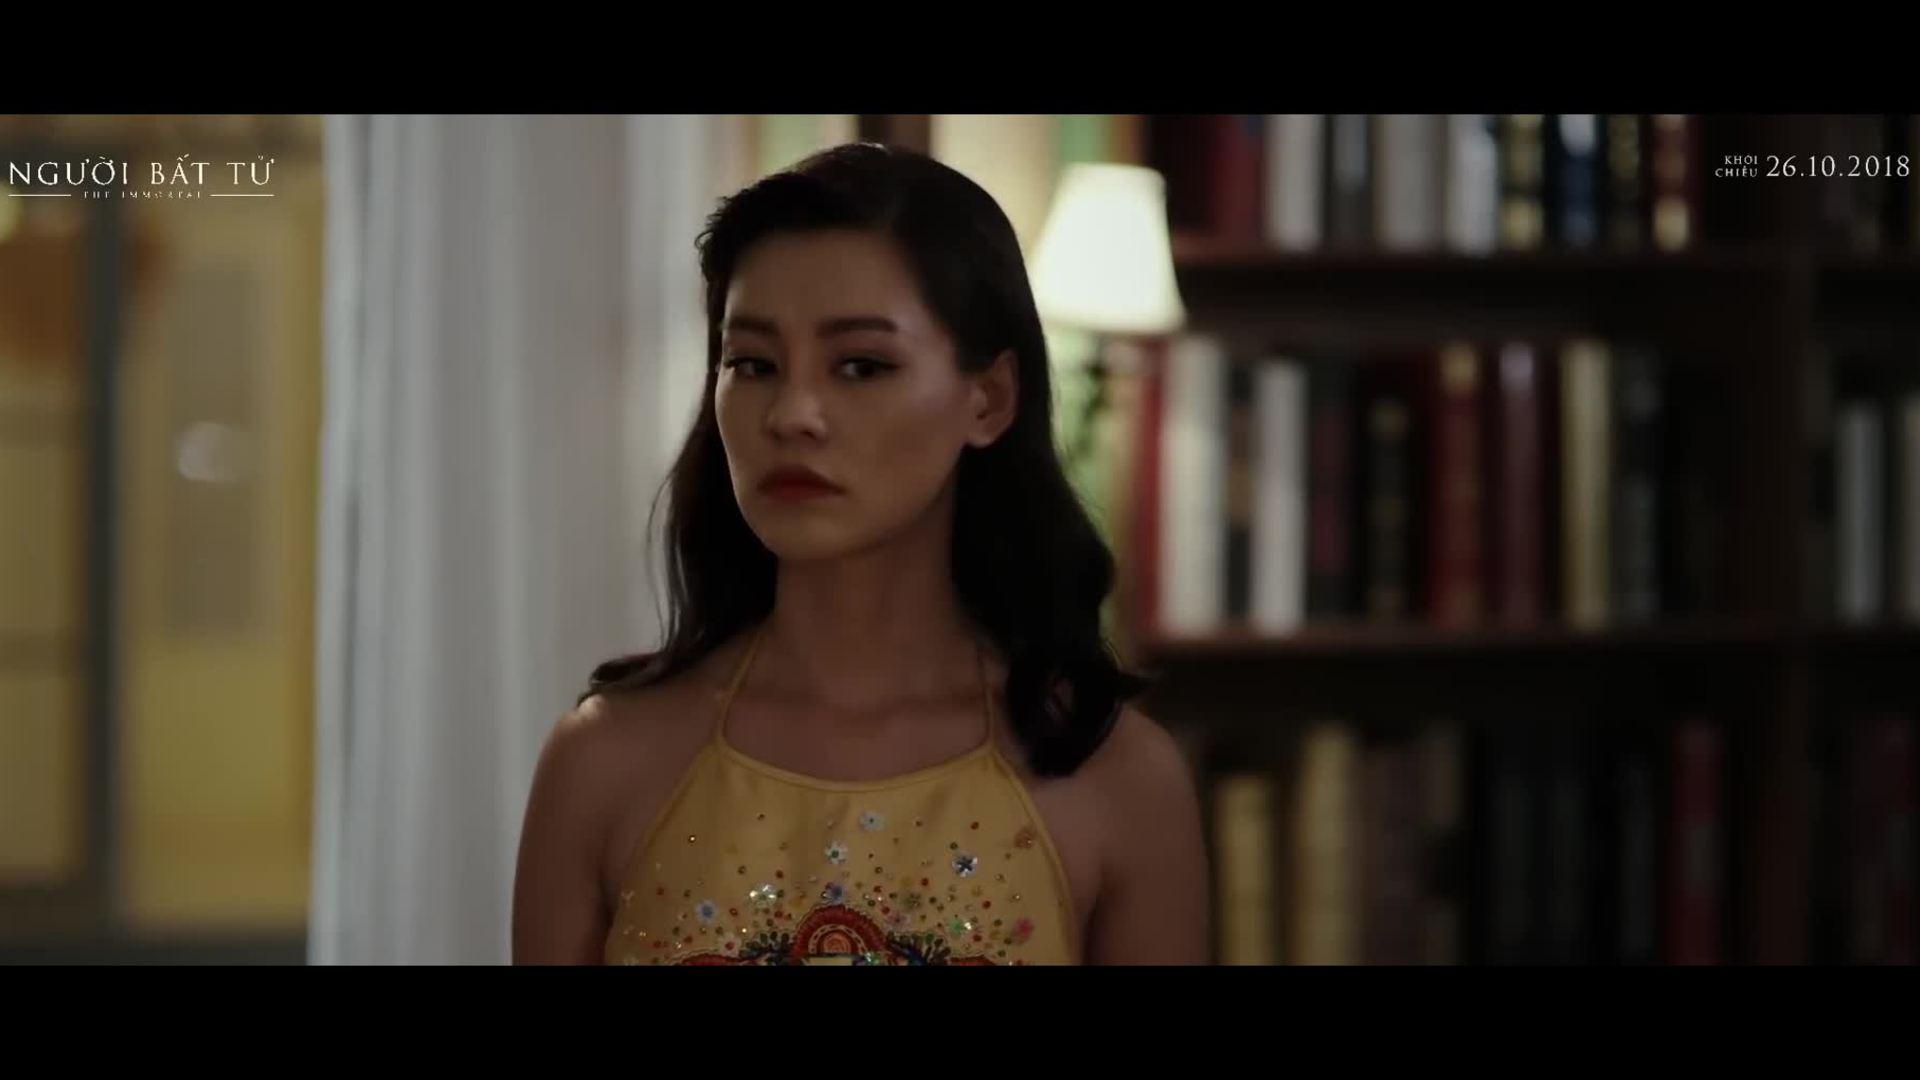 MV Ngày chưa giông bão (Bùi Lan Hương, phim Người bất tử)